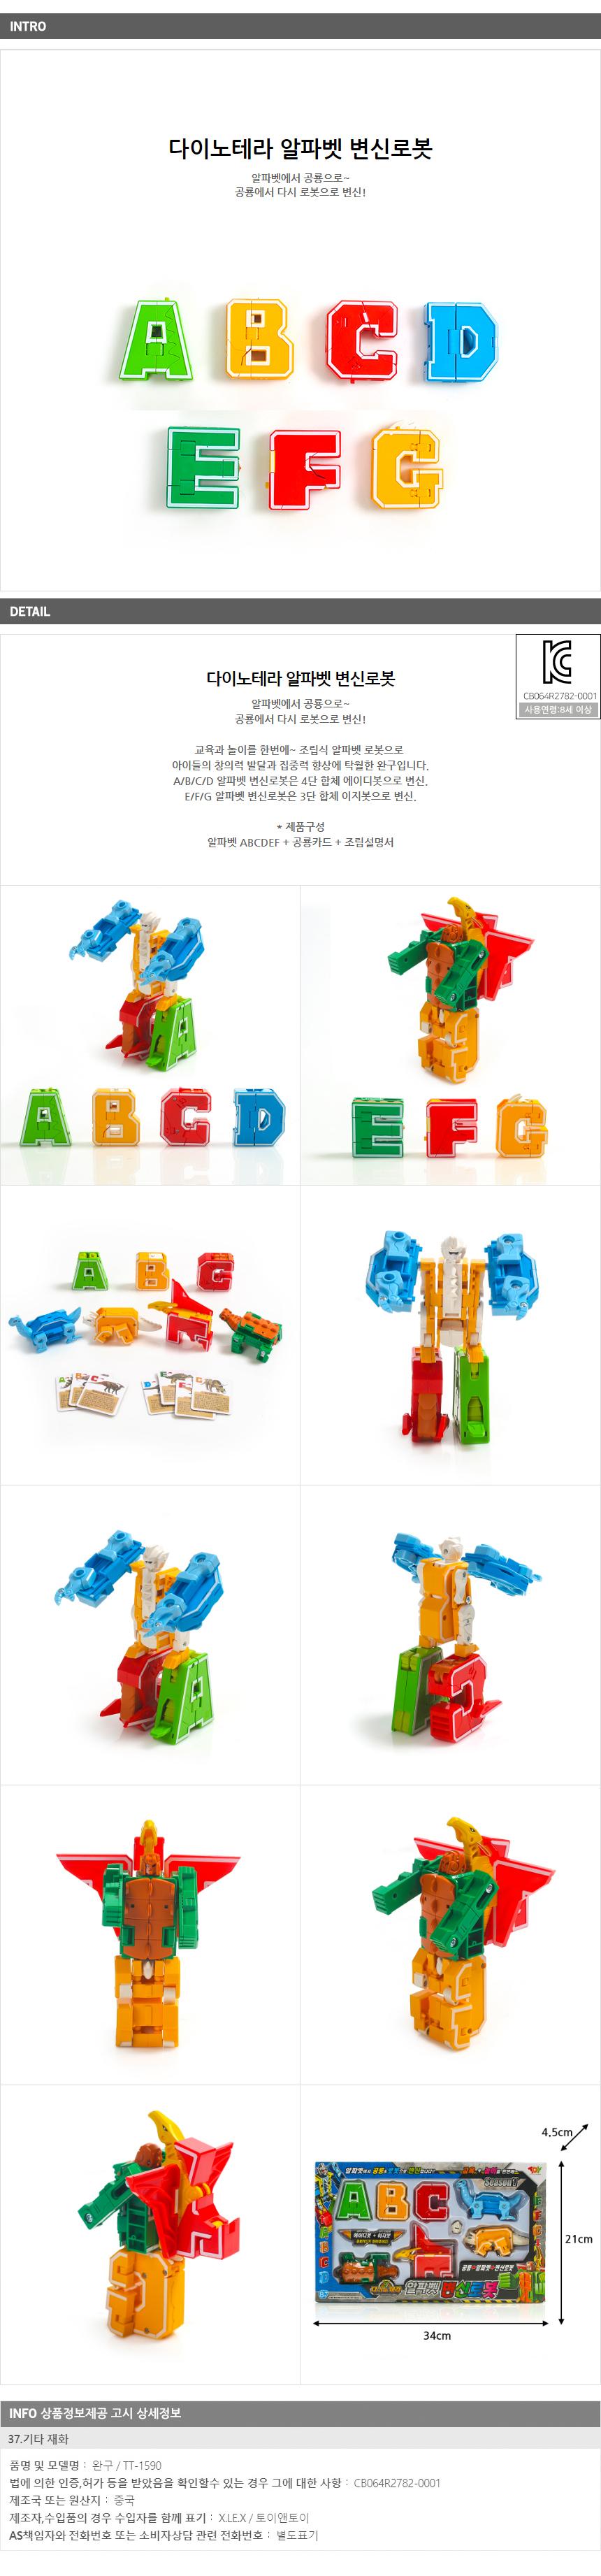 다이노테라 알파벳 변신로봇/조립로봇 공룡로봇 블록 - 기프트갓, 18,060원, 장난감, 장난감